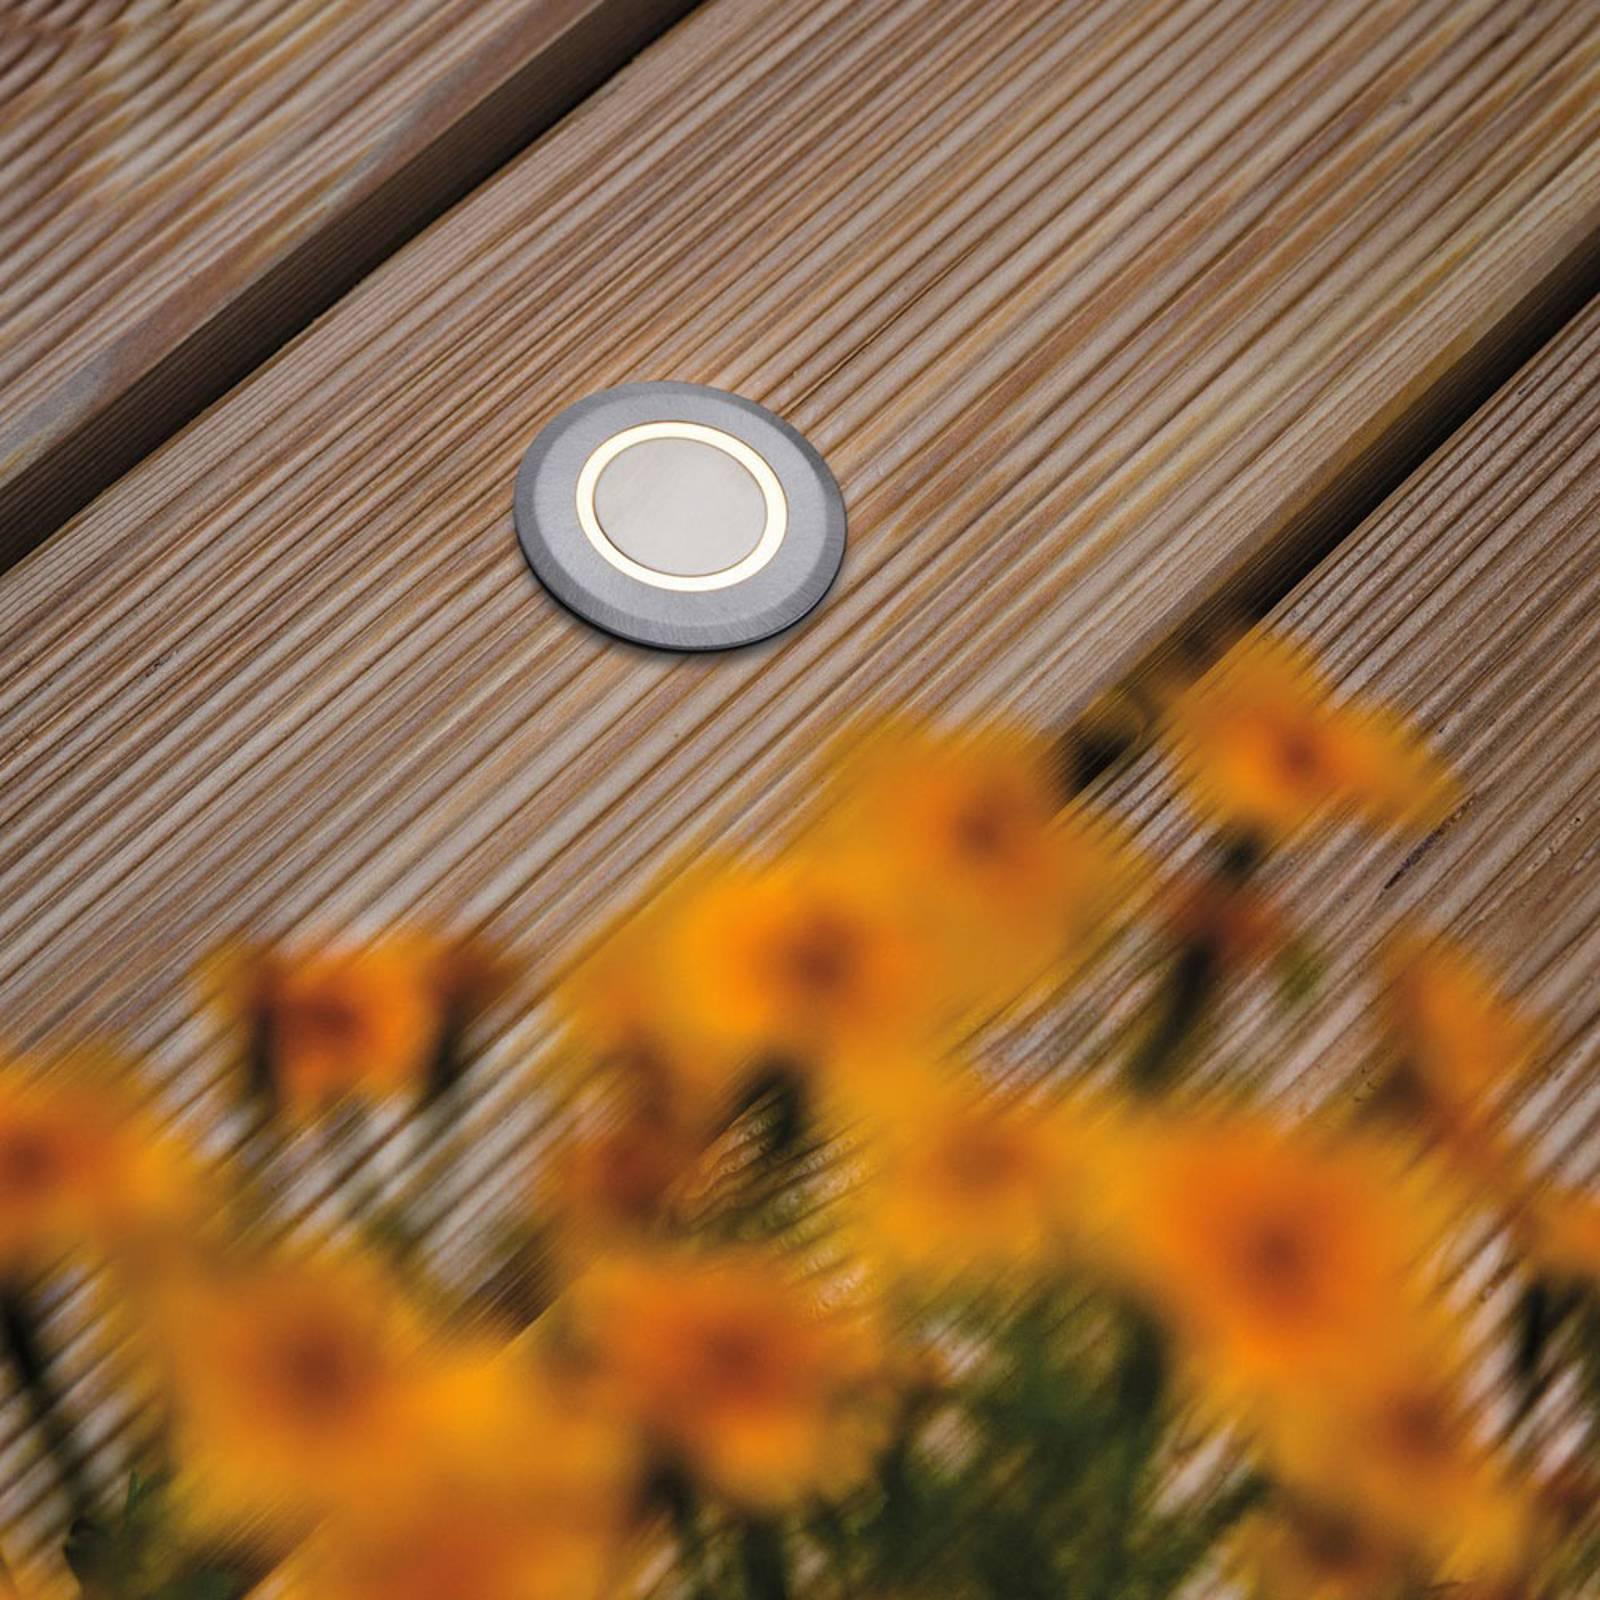 Paulmann House grondspot inbouwlamp IP65 rond ring